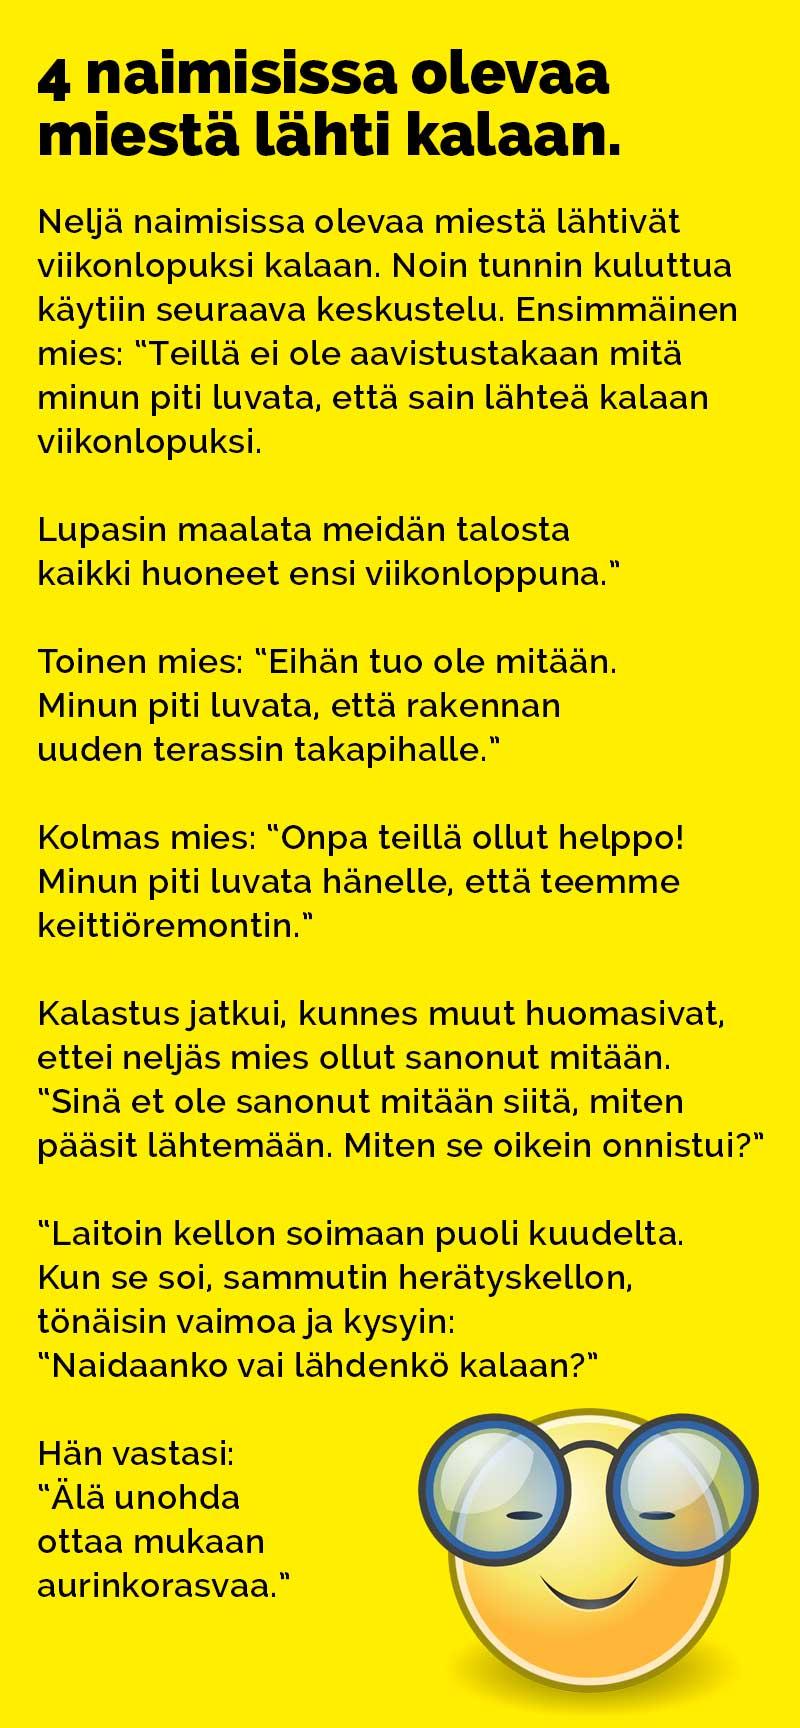 4_naimisissa_oelvaa_miesta_lahti_kalaan_2